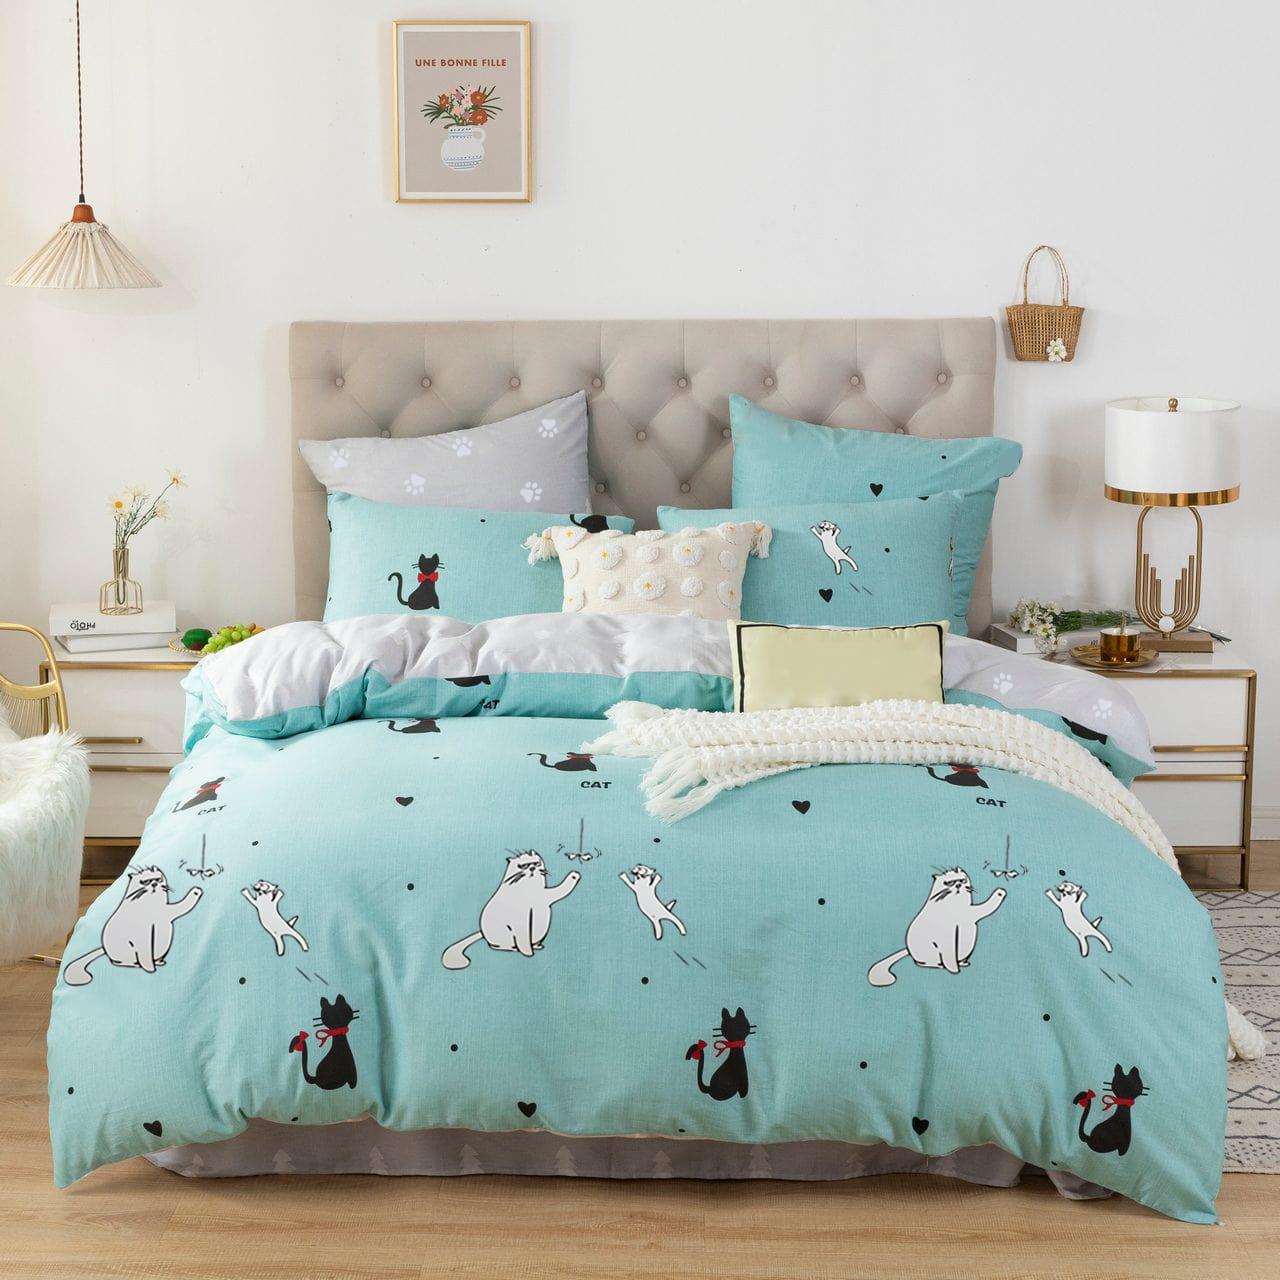 Комплект постельного белья 1,5-спальный, поплин (Коты)